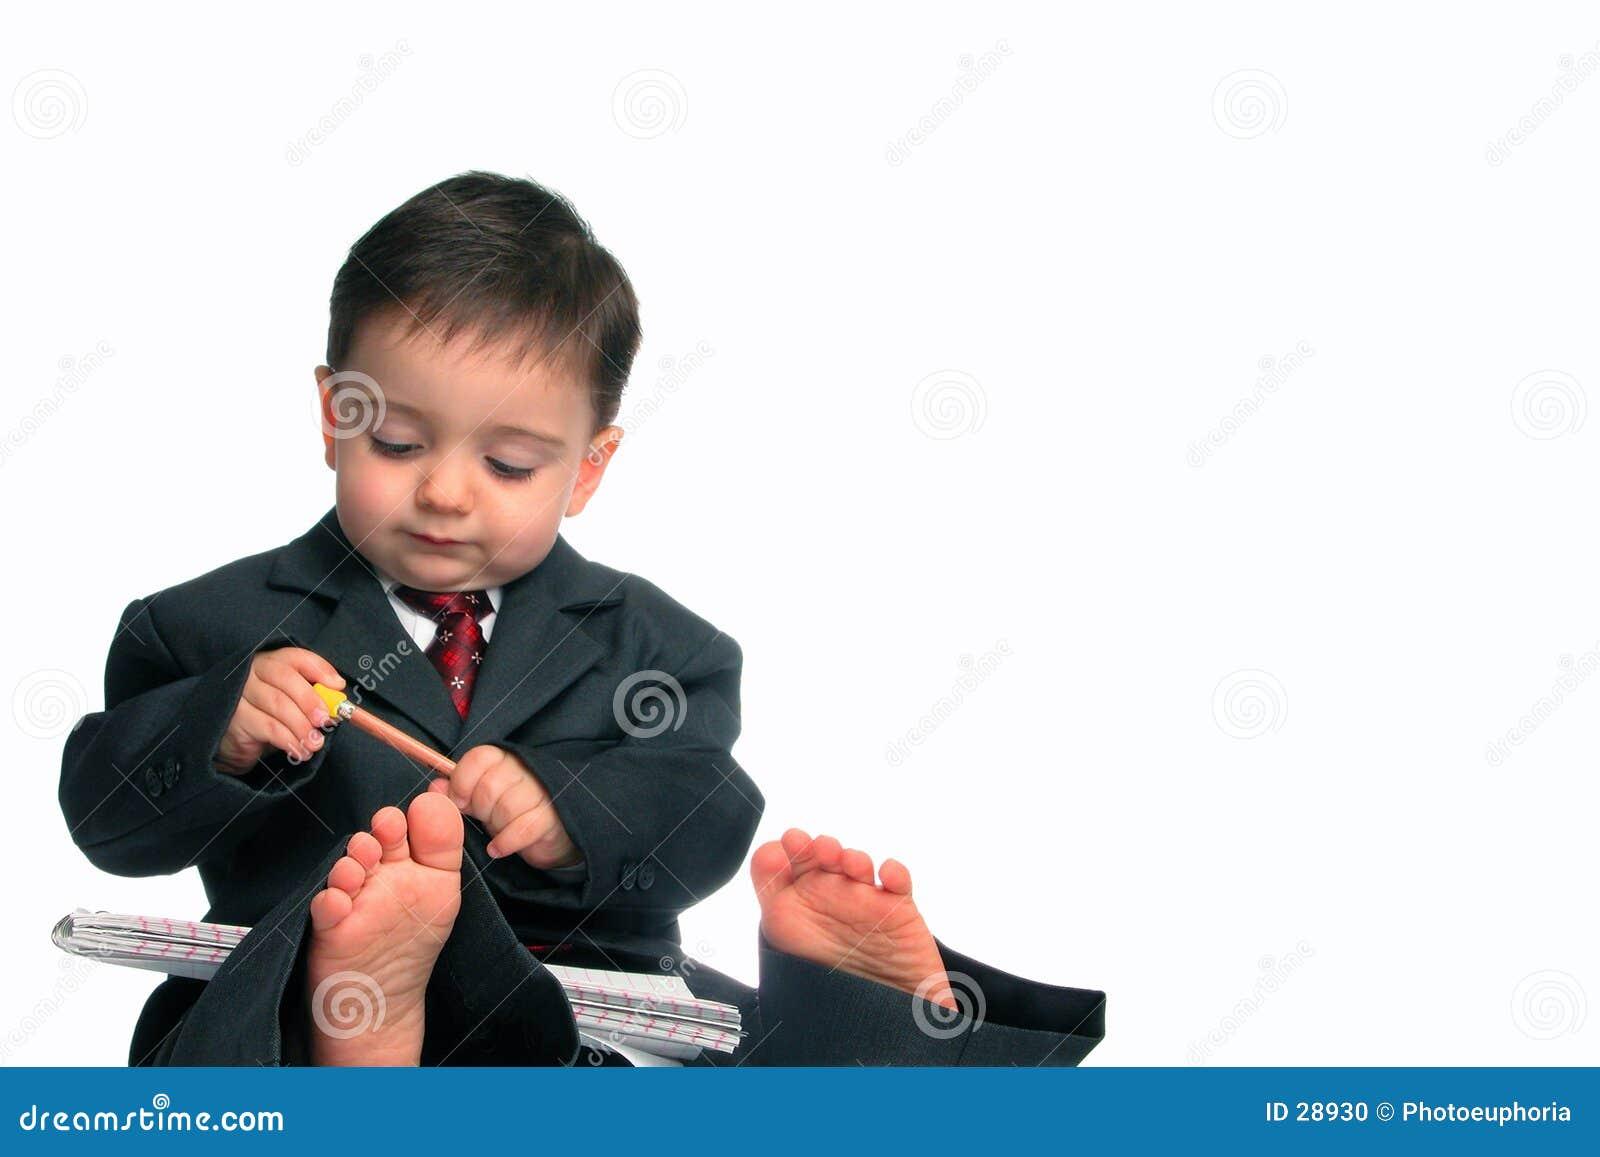 Kleine Mann-Serie: Barfuß u. Geschäft (1 von 2)